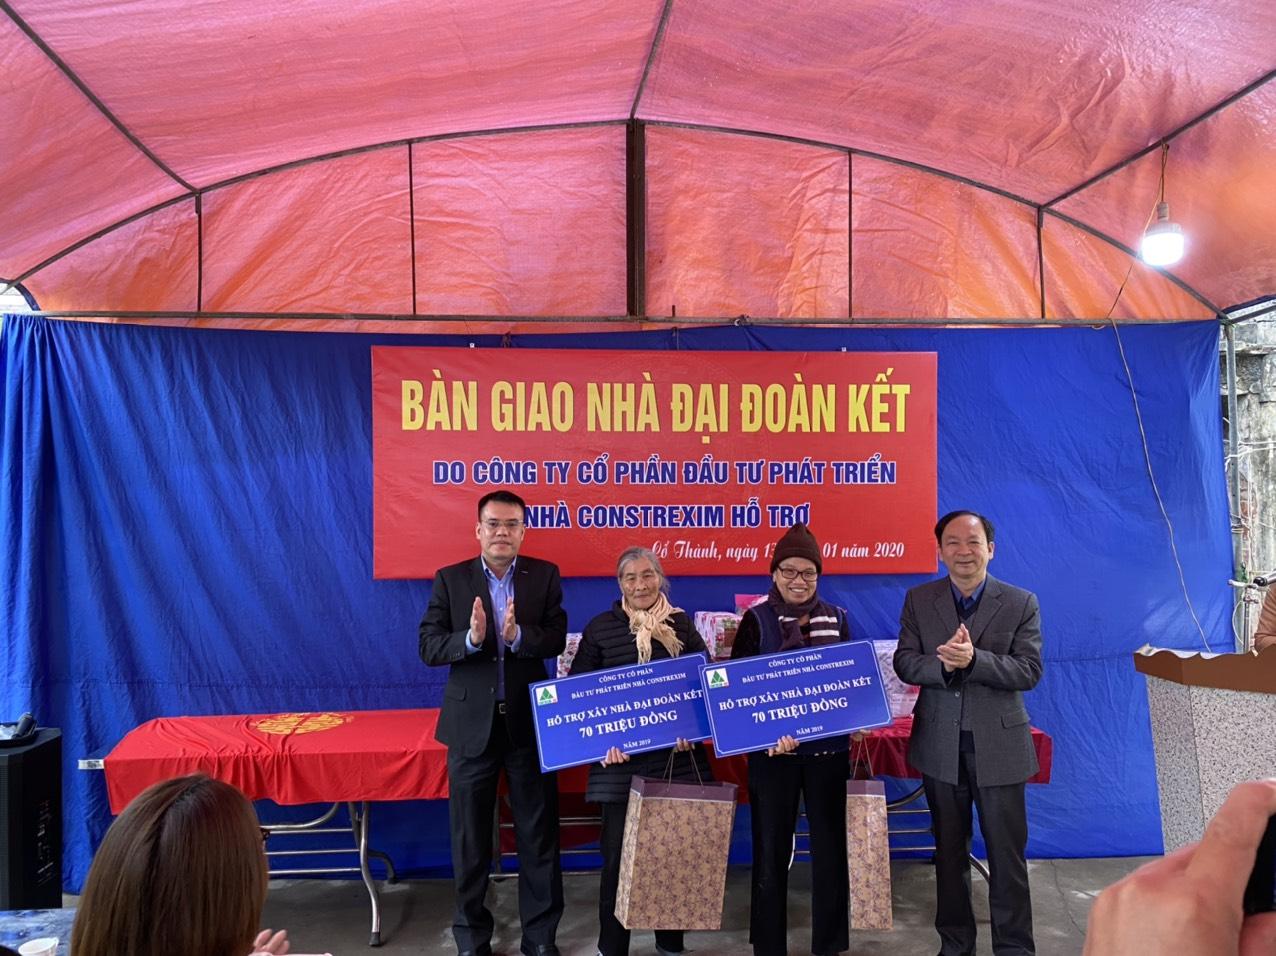 Trao tặng nhà đại đoàn kết cho các gia đình có hoàn cảnh khó khăn tại thành phố Chí Linh, tỉnh Hải Dương năm 2020